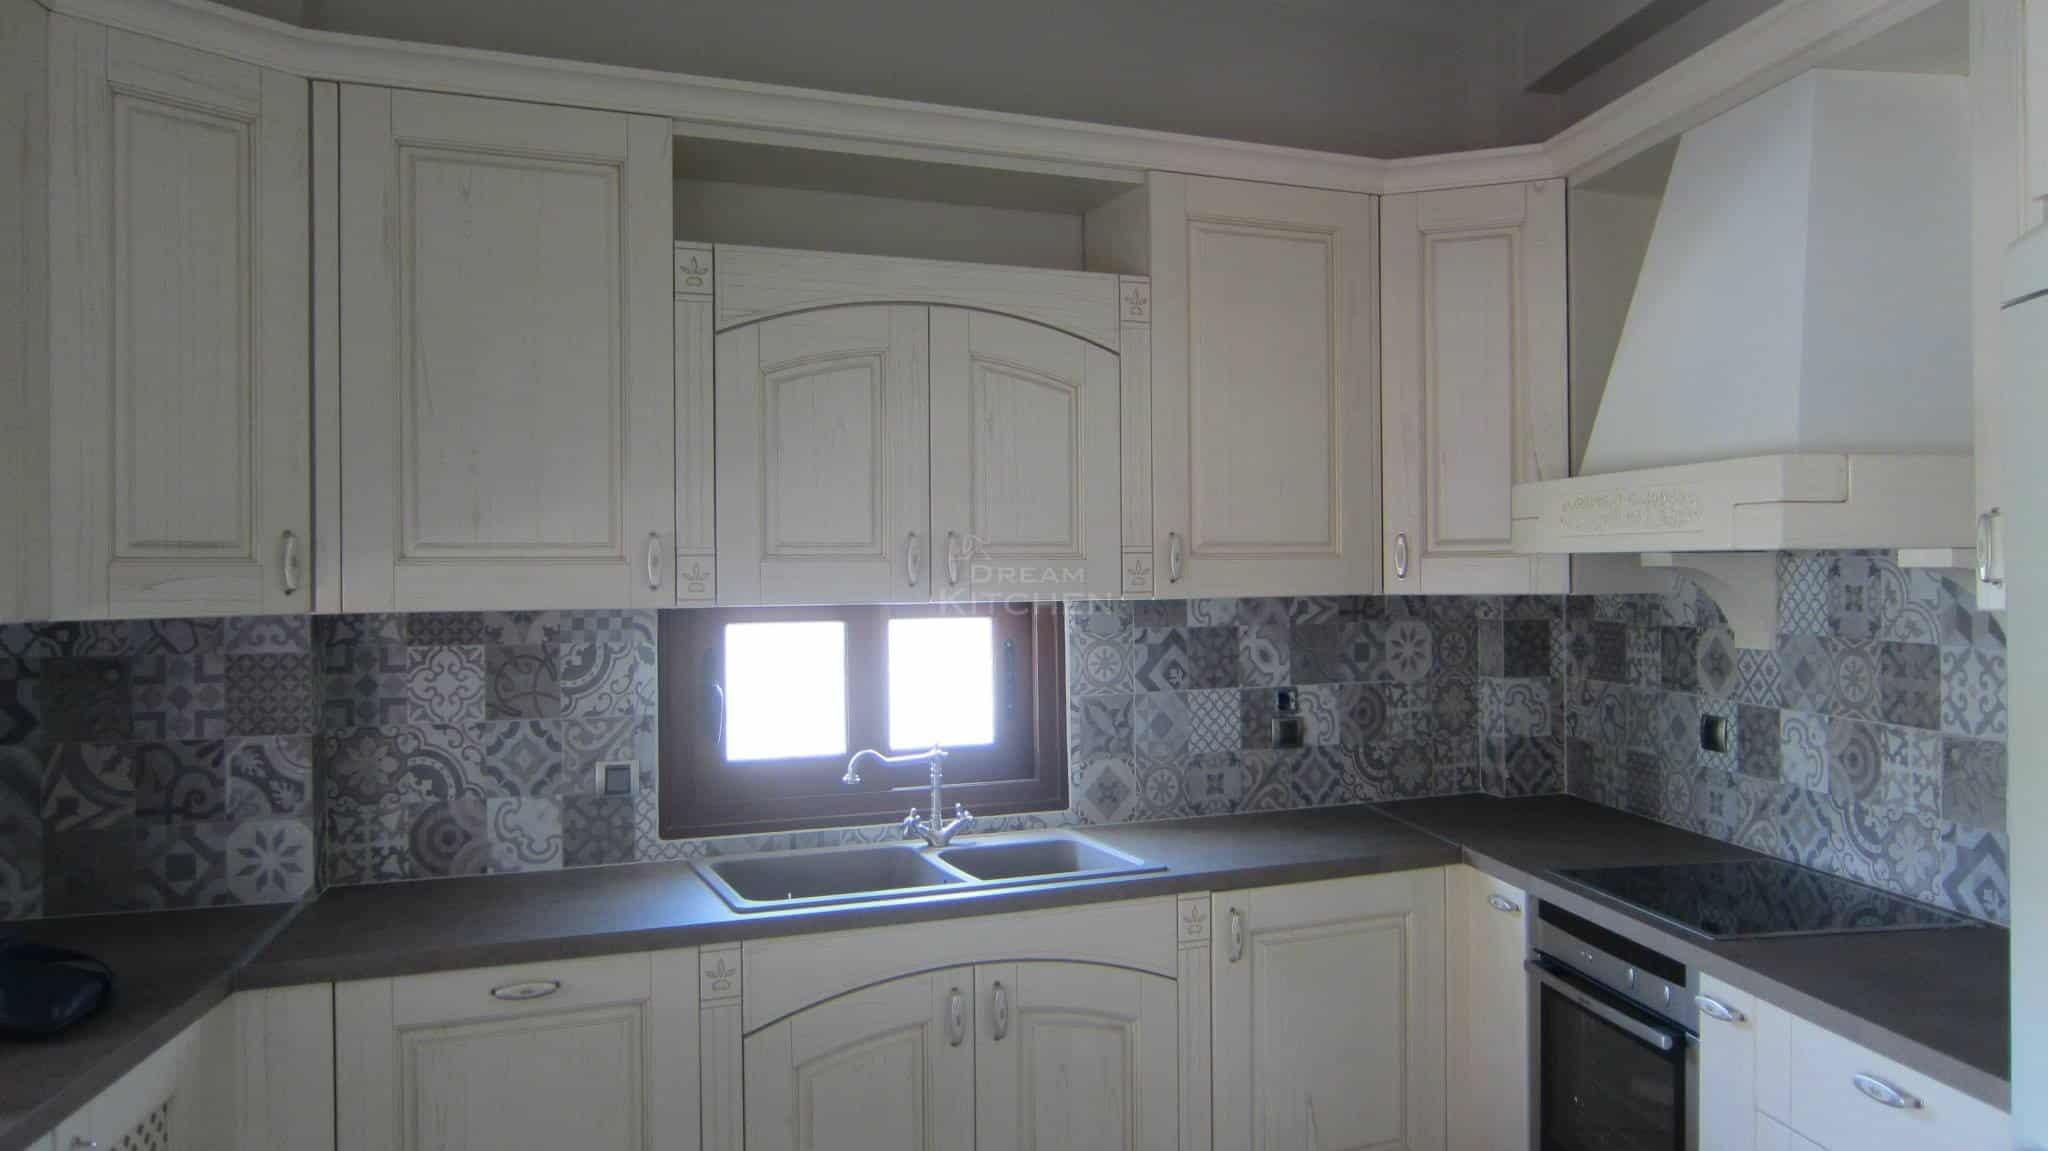 Πλήρης επίπλωση κατοικίας κουζινα μασιφ 8